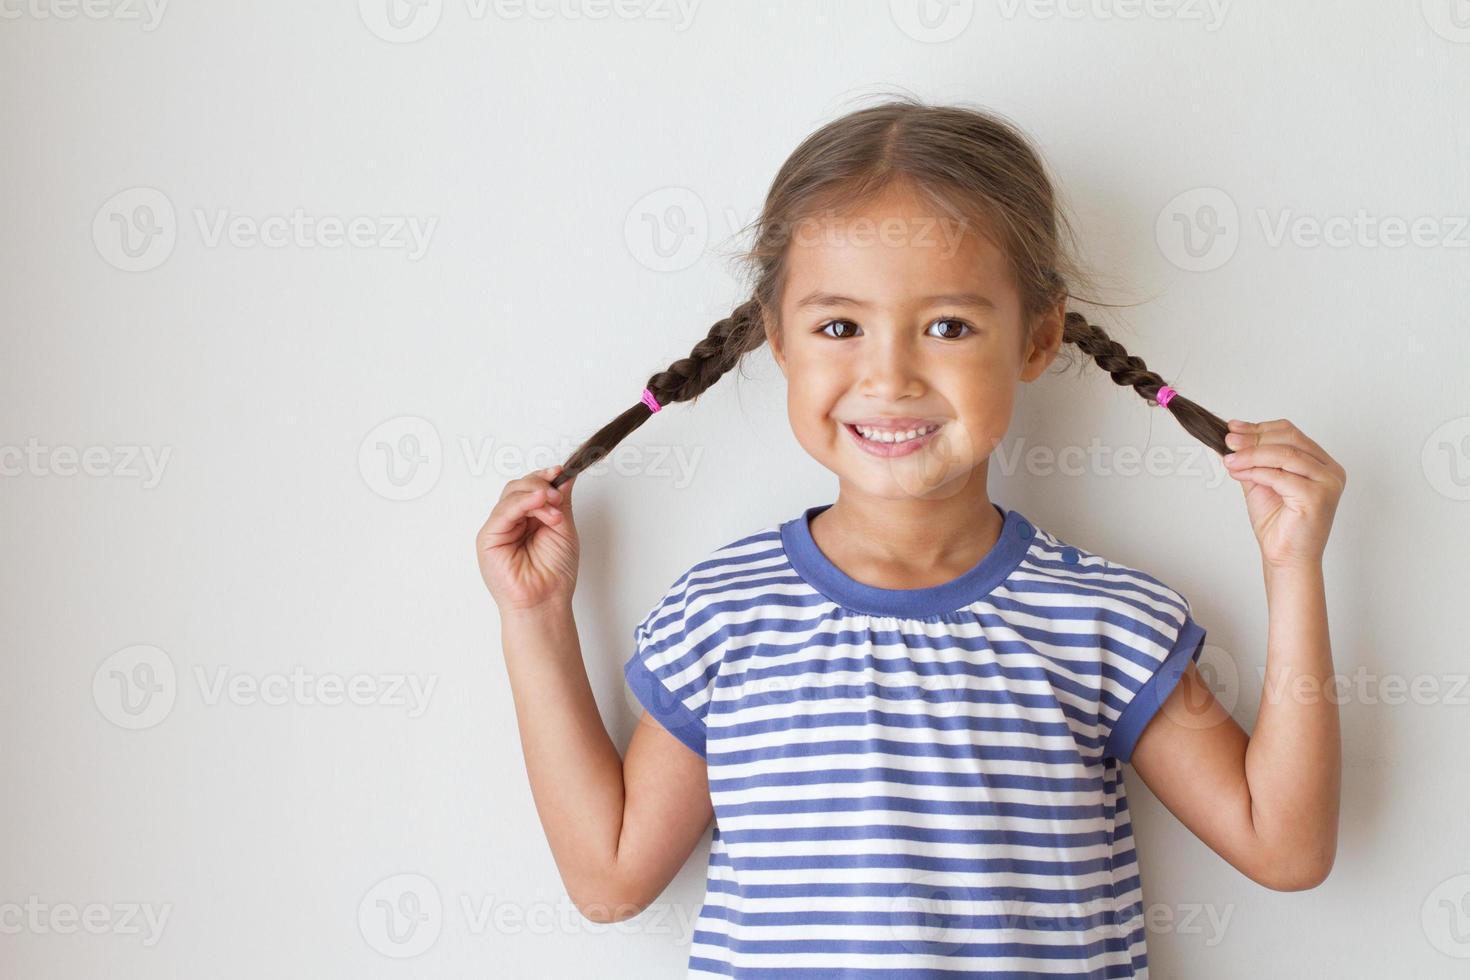 ritratto di felice, positivo, sorridente, giocoso bambino caucasico asiatico foto